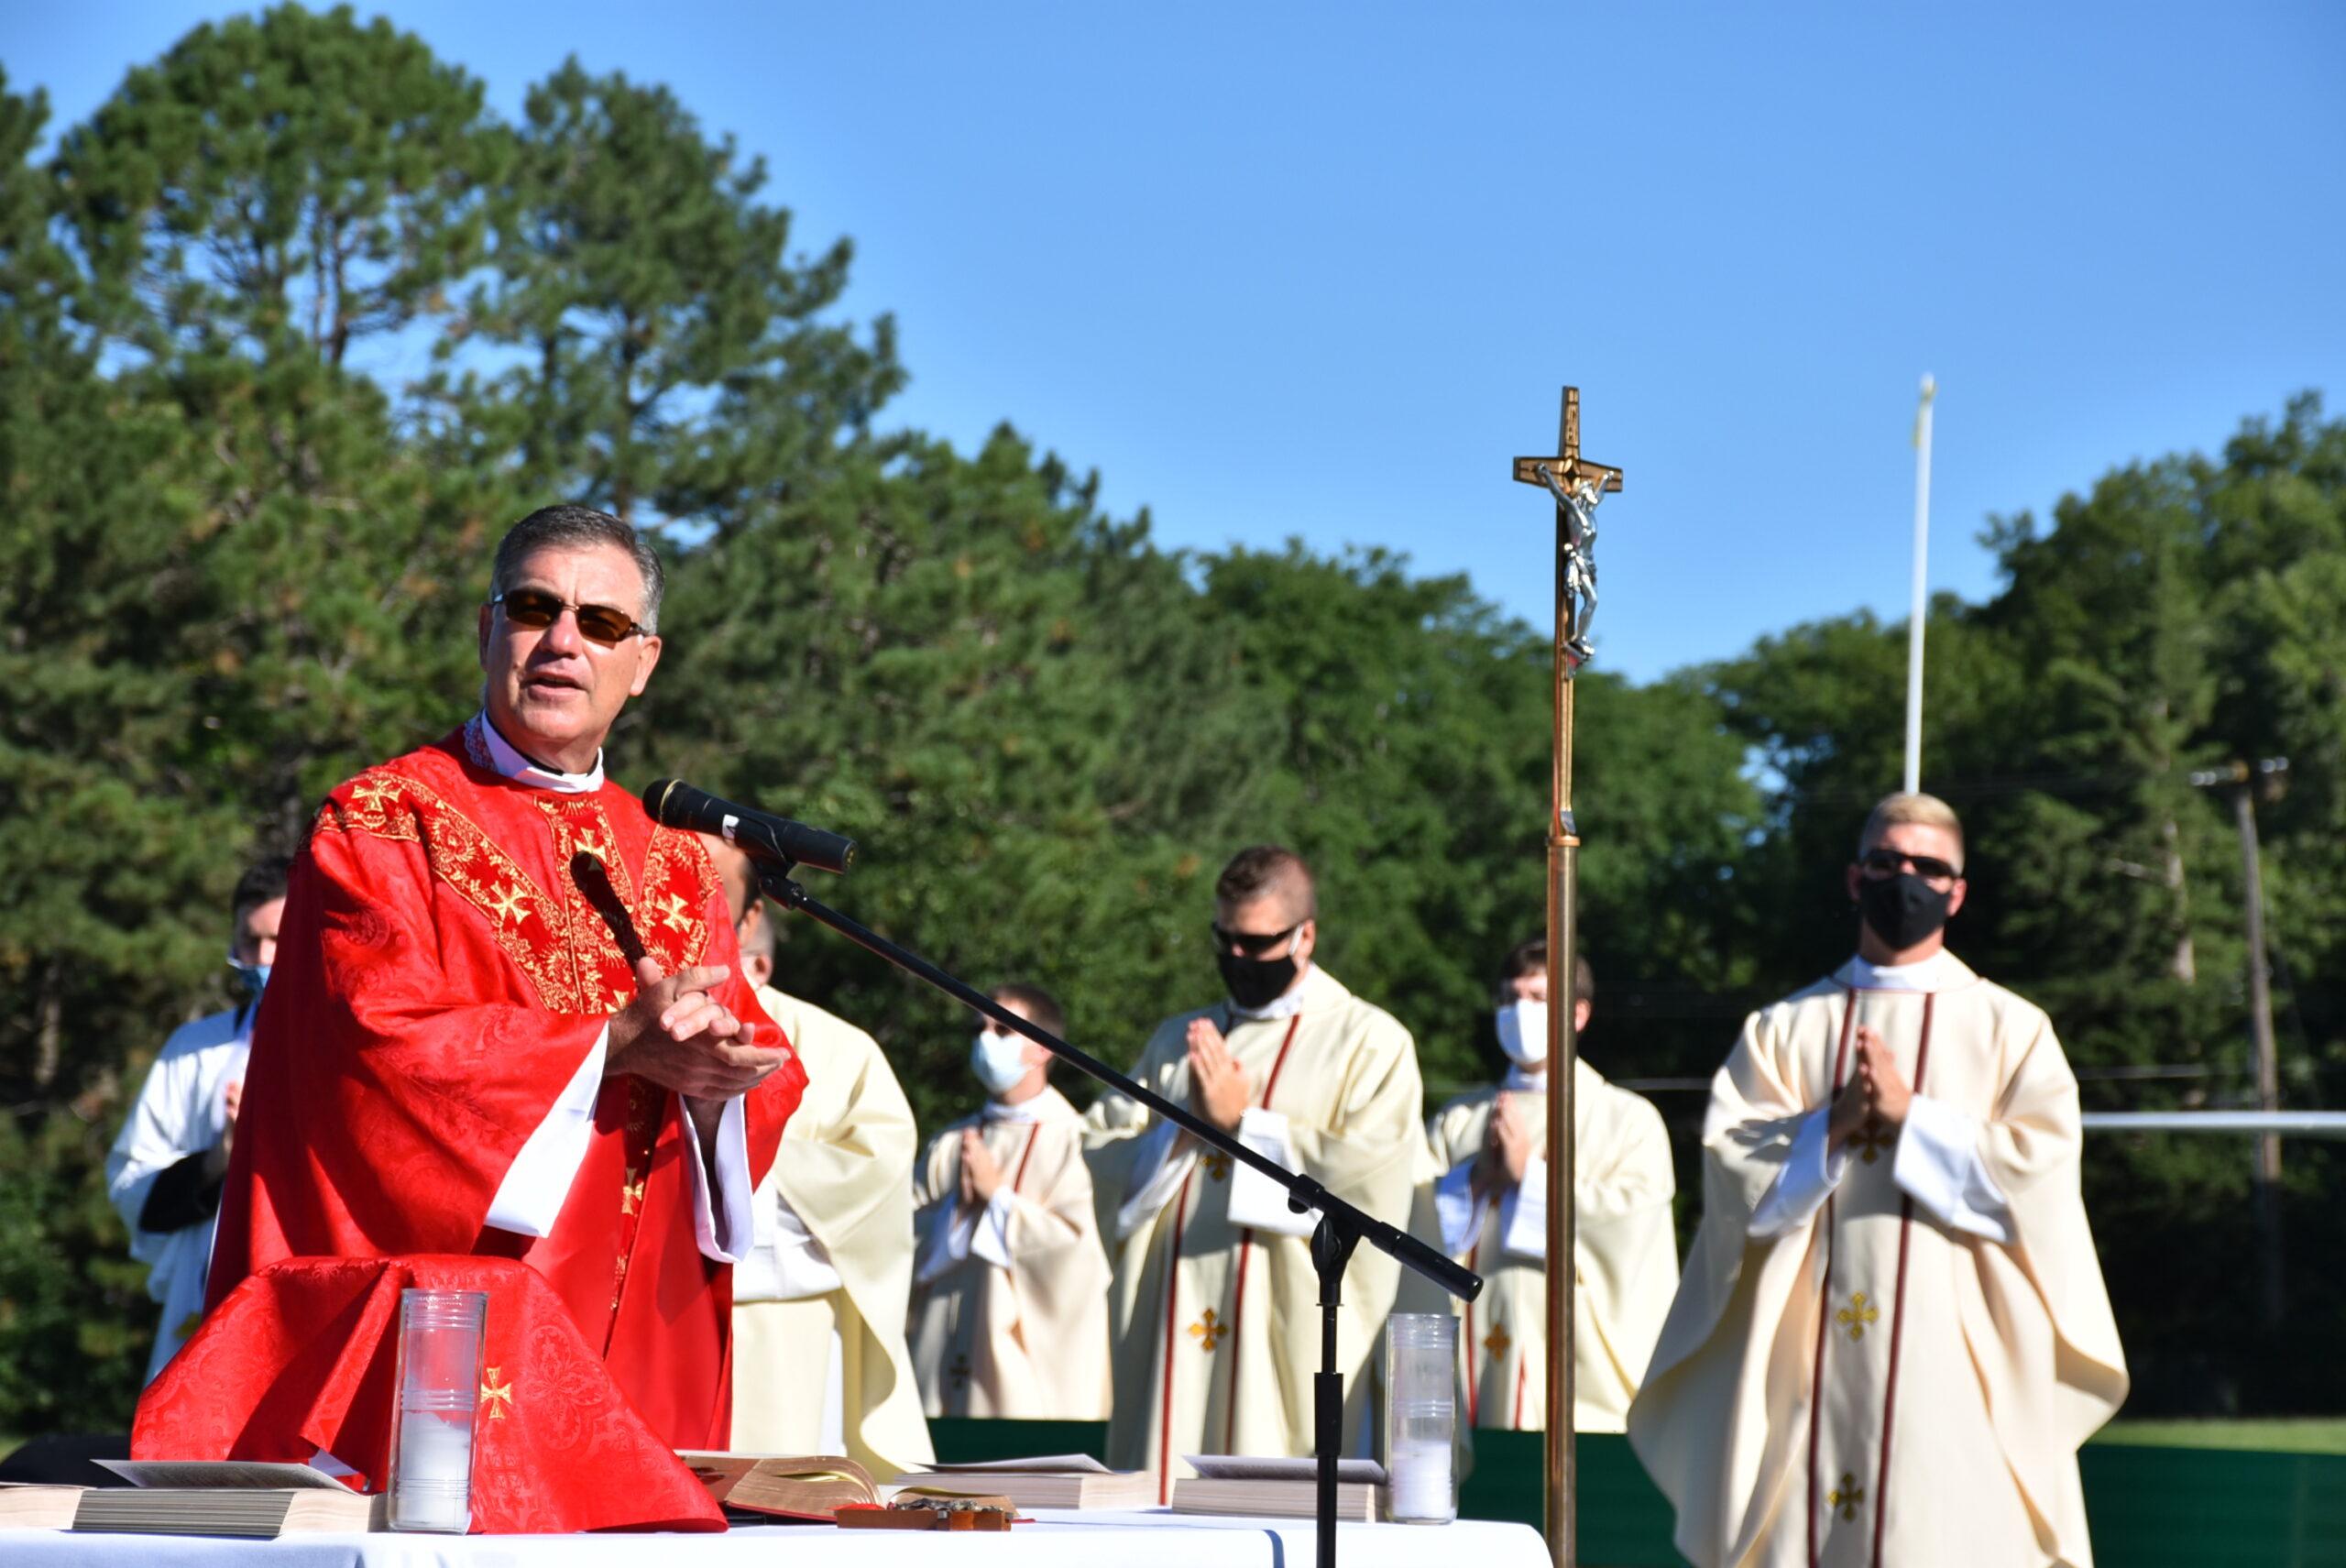 Fr. James Meysenburg